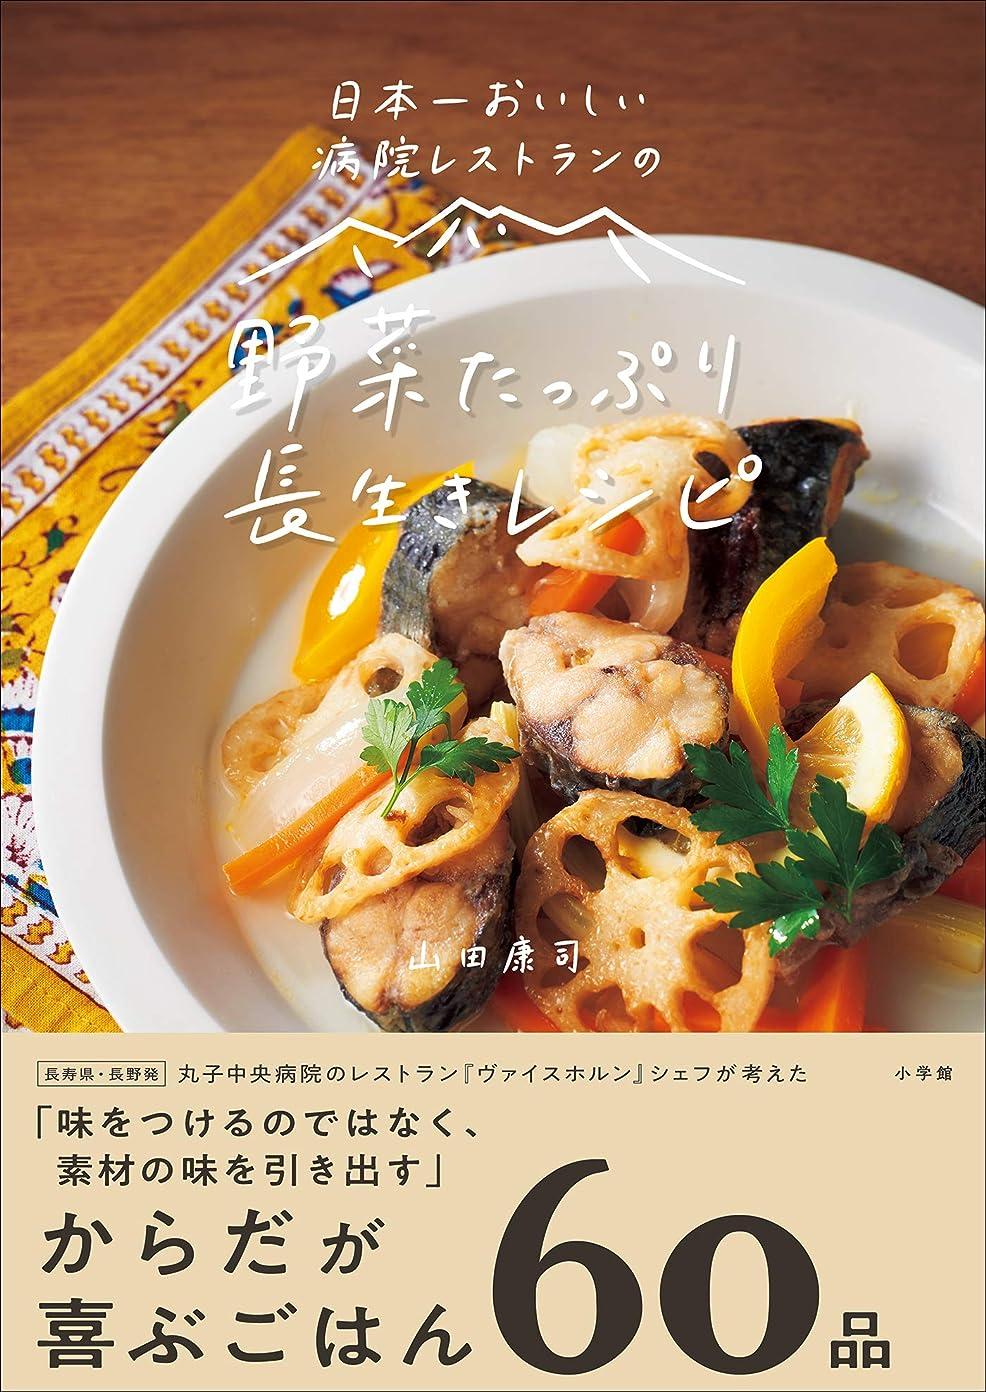 ネーピアオールほこりっぽい日本一おいしい病院レストランの 野菜たっぷり 長生きレシピ